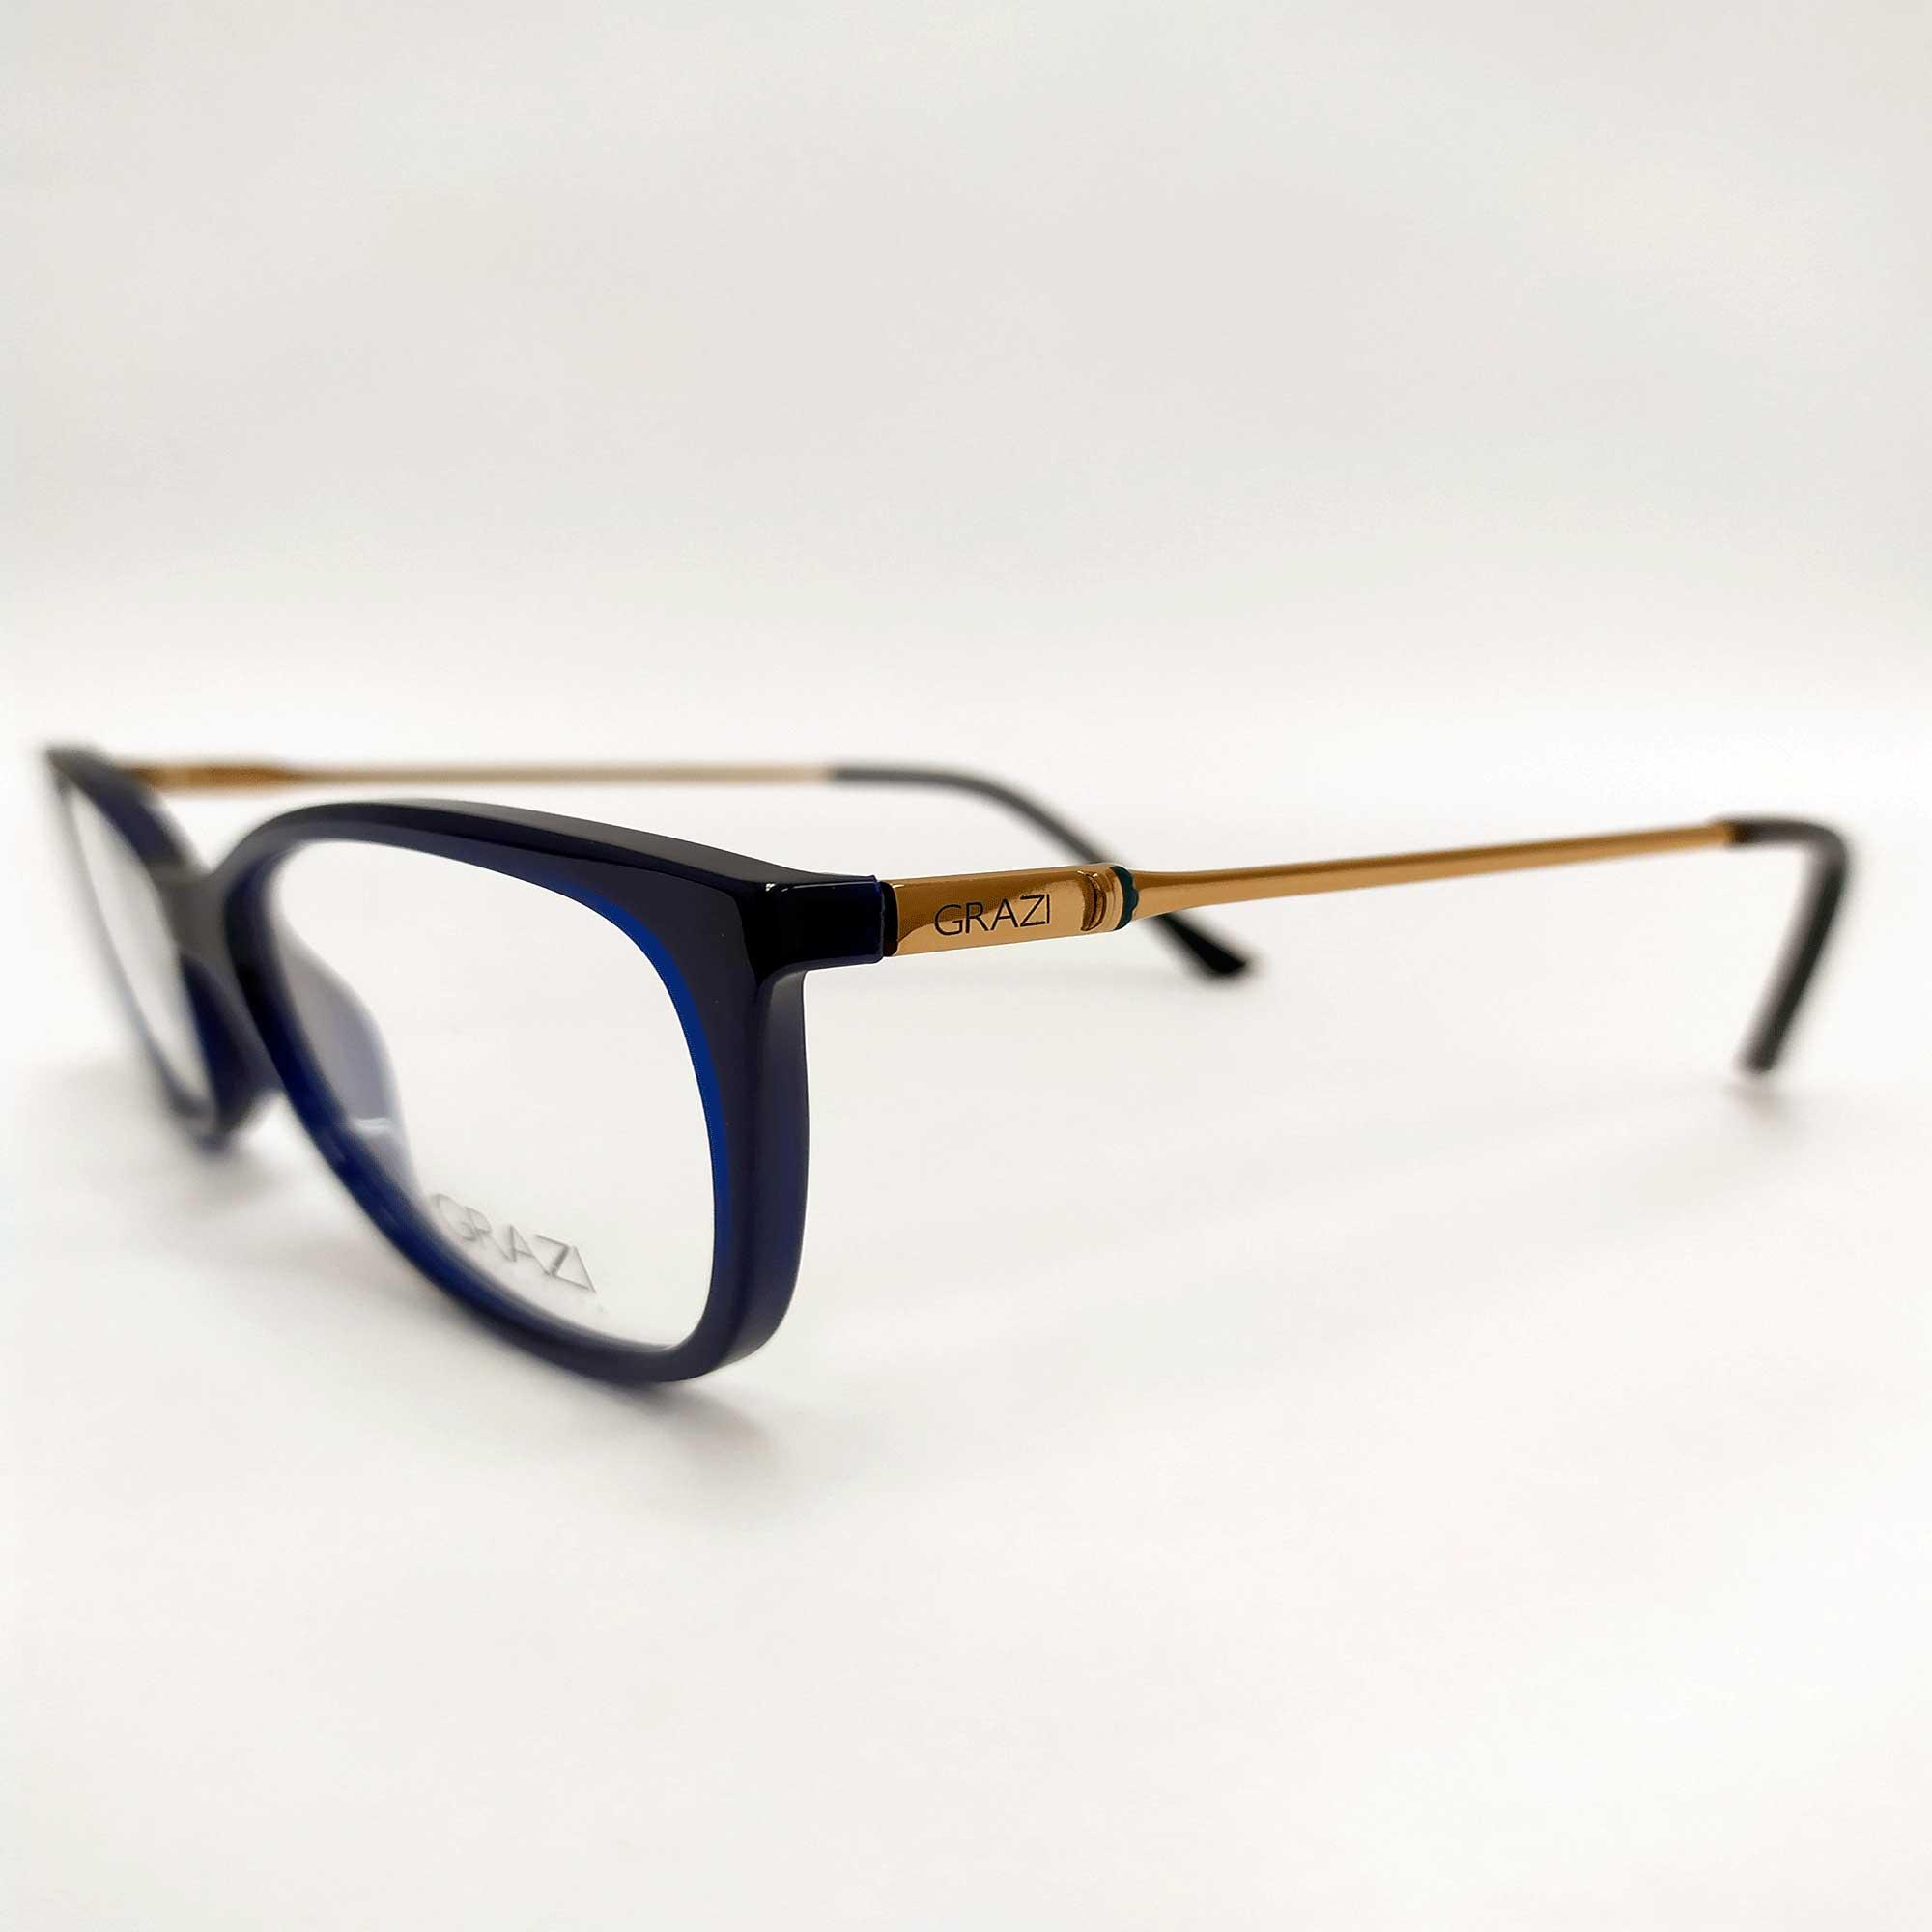 Óculos de Grau Grazi Azul 3033 E810